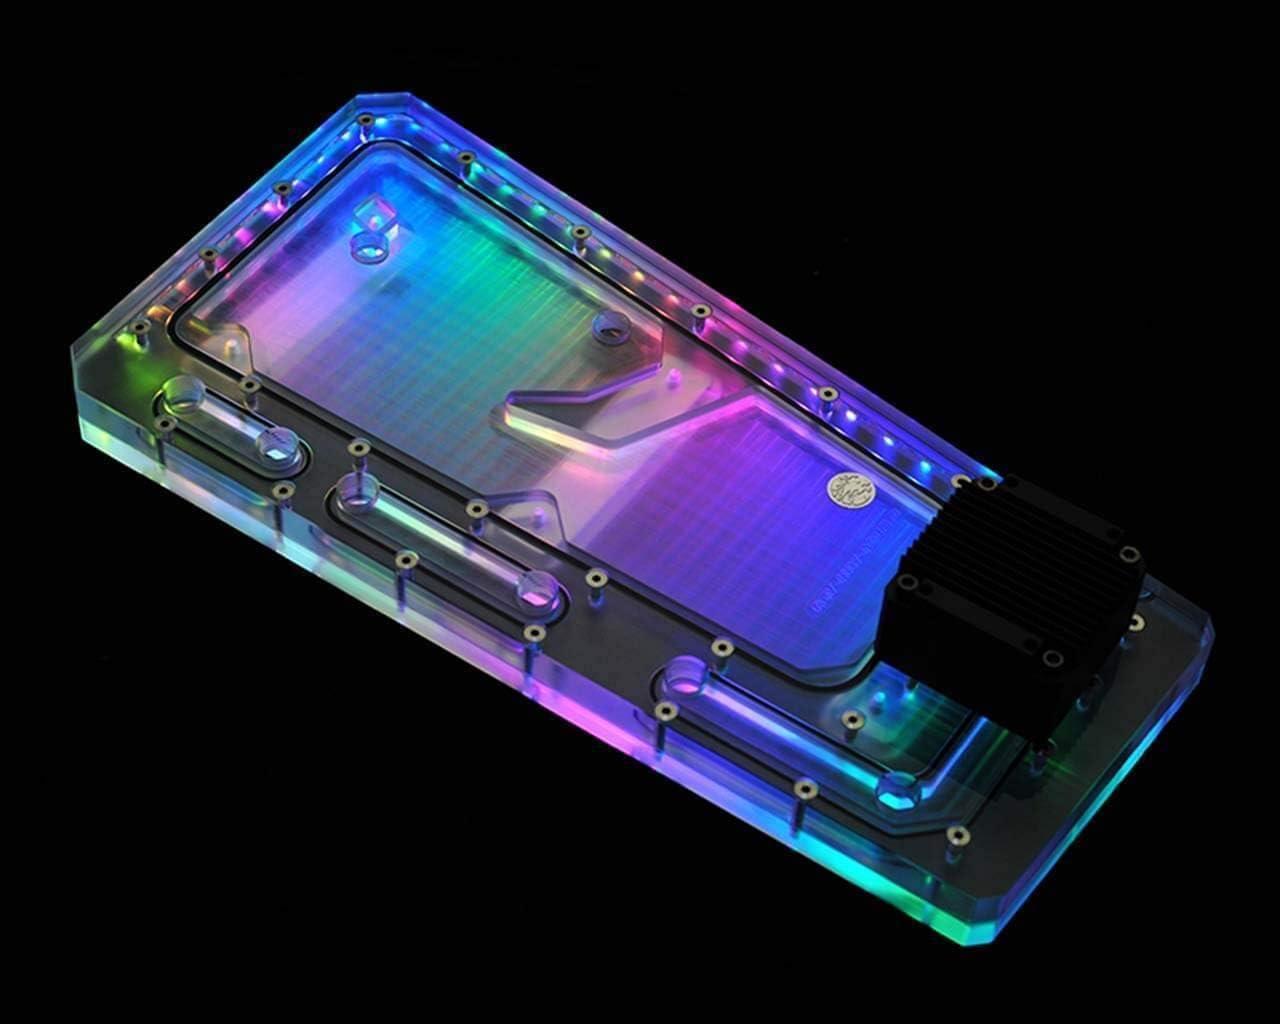 Bykski Distro Plate RBW PMMA w// 5v Addressable RGB InWin TOU2.0 RGV-INW-TOU2.0